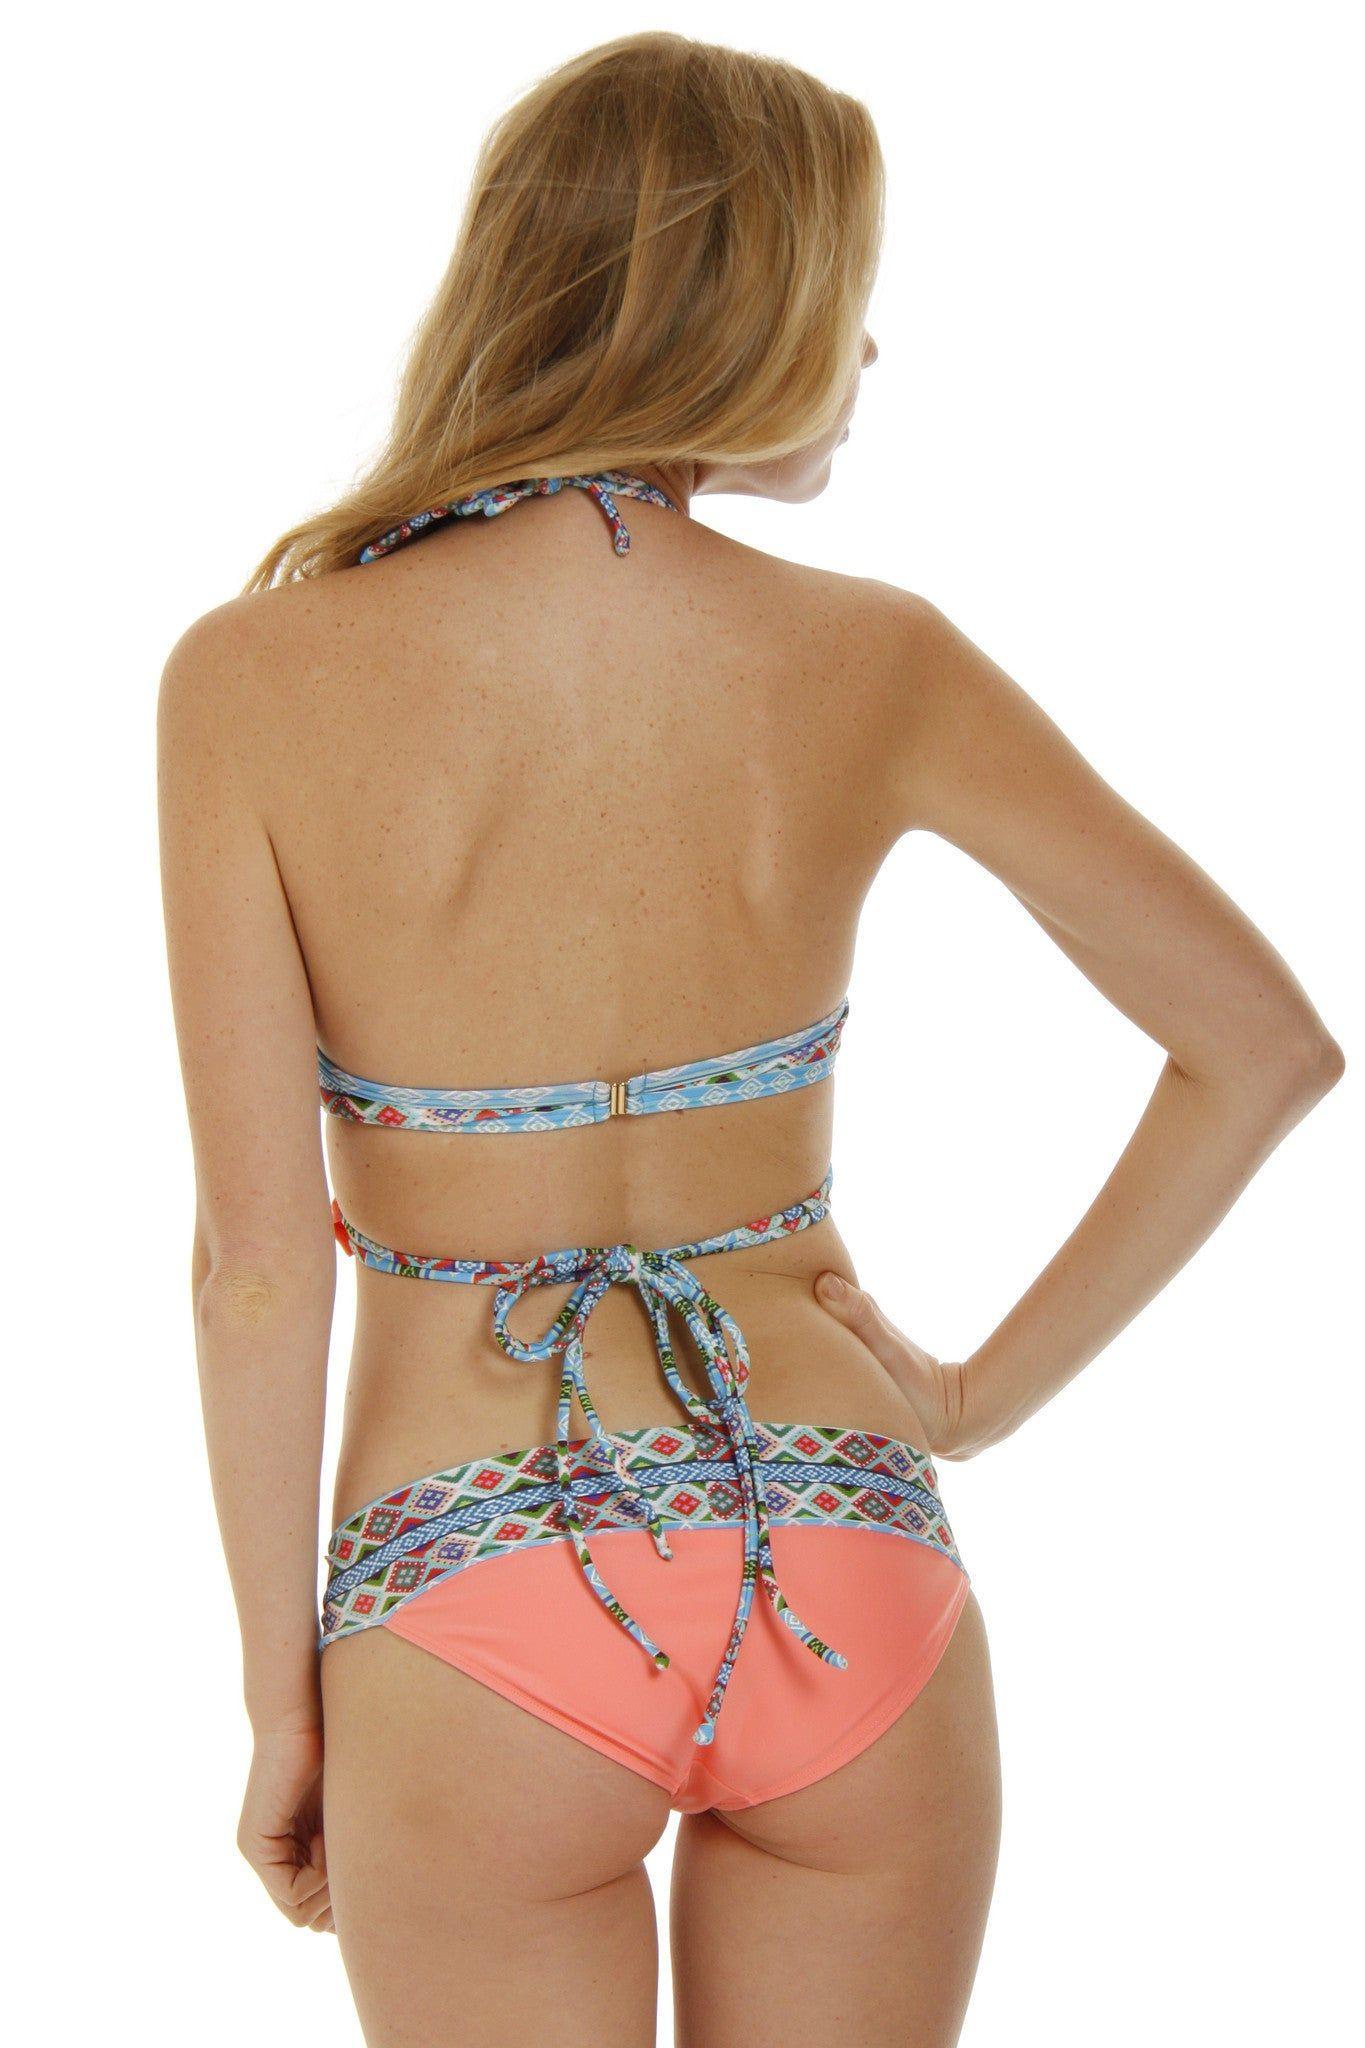 SOLKISSED La Jolla Full Bottom Bikini Bottom | Melon|Kayslee